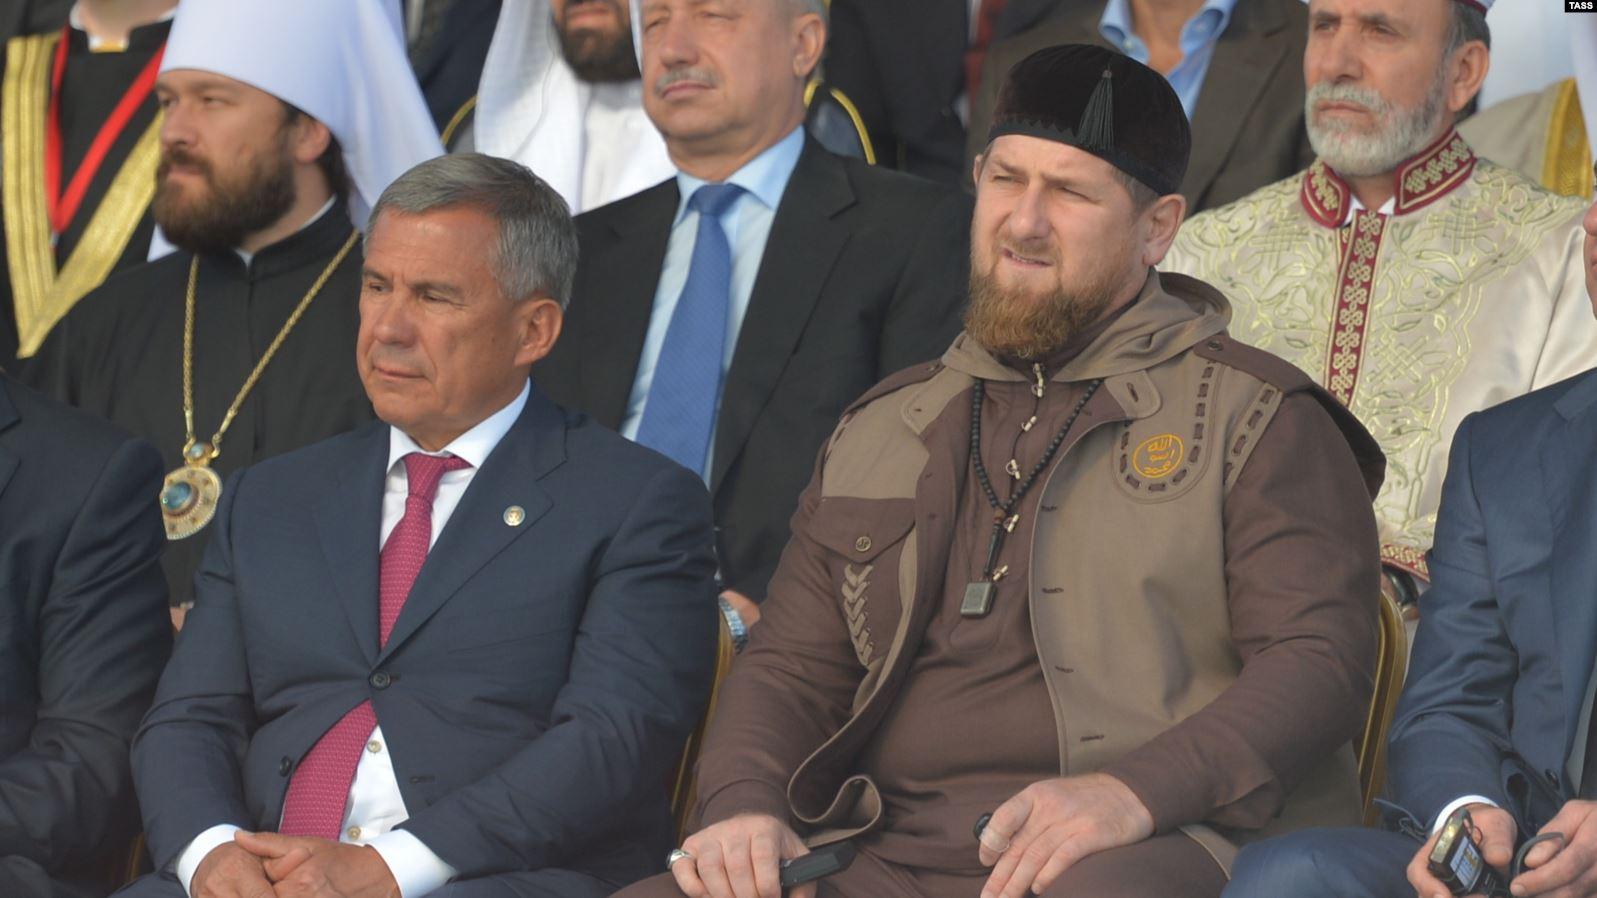 Когда и как Москва уберёт Кадырова и Минниханова? Сценарии ликвидации республик РФ (Часть 2)